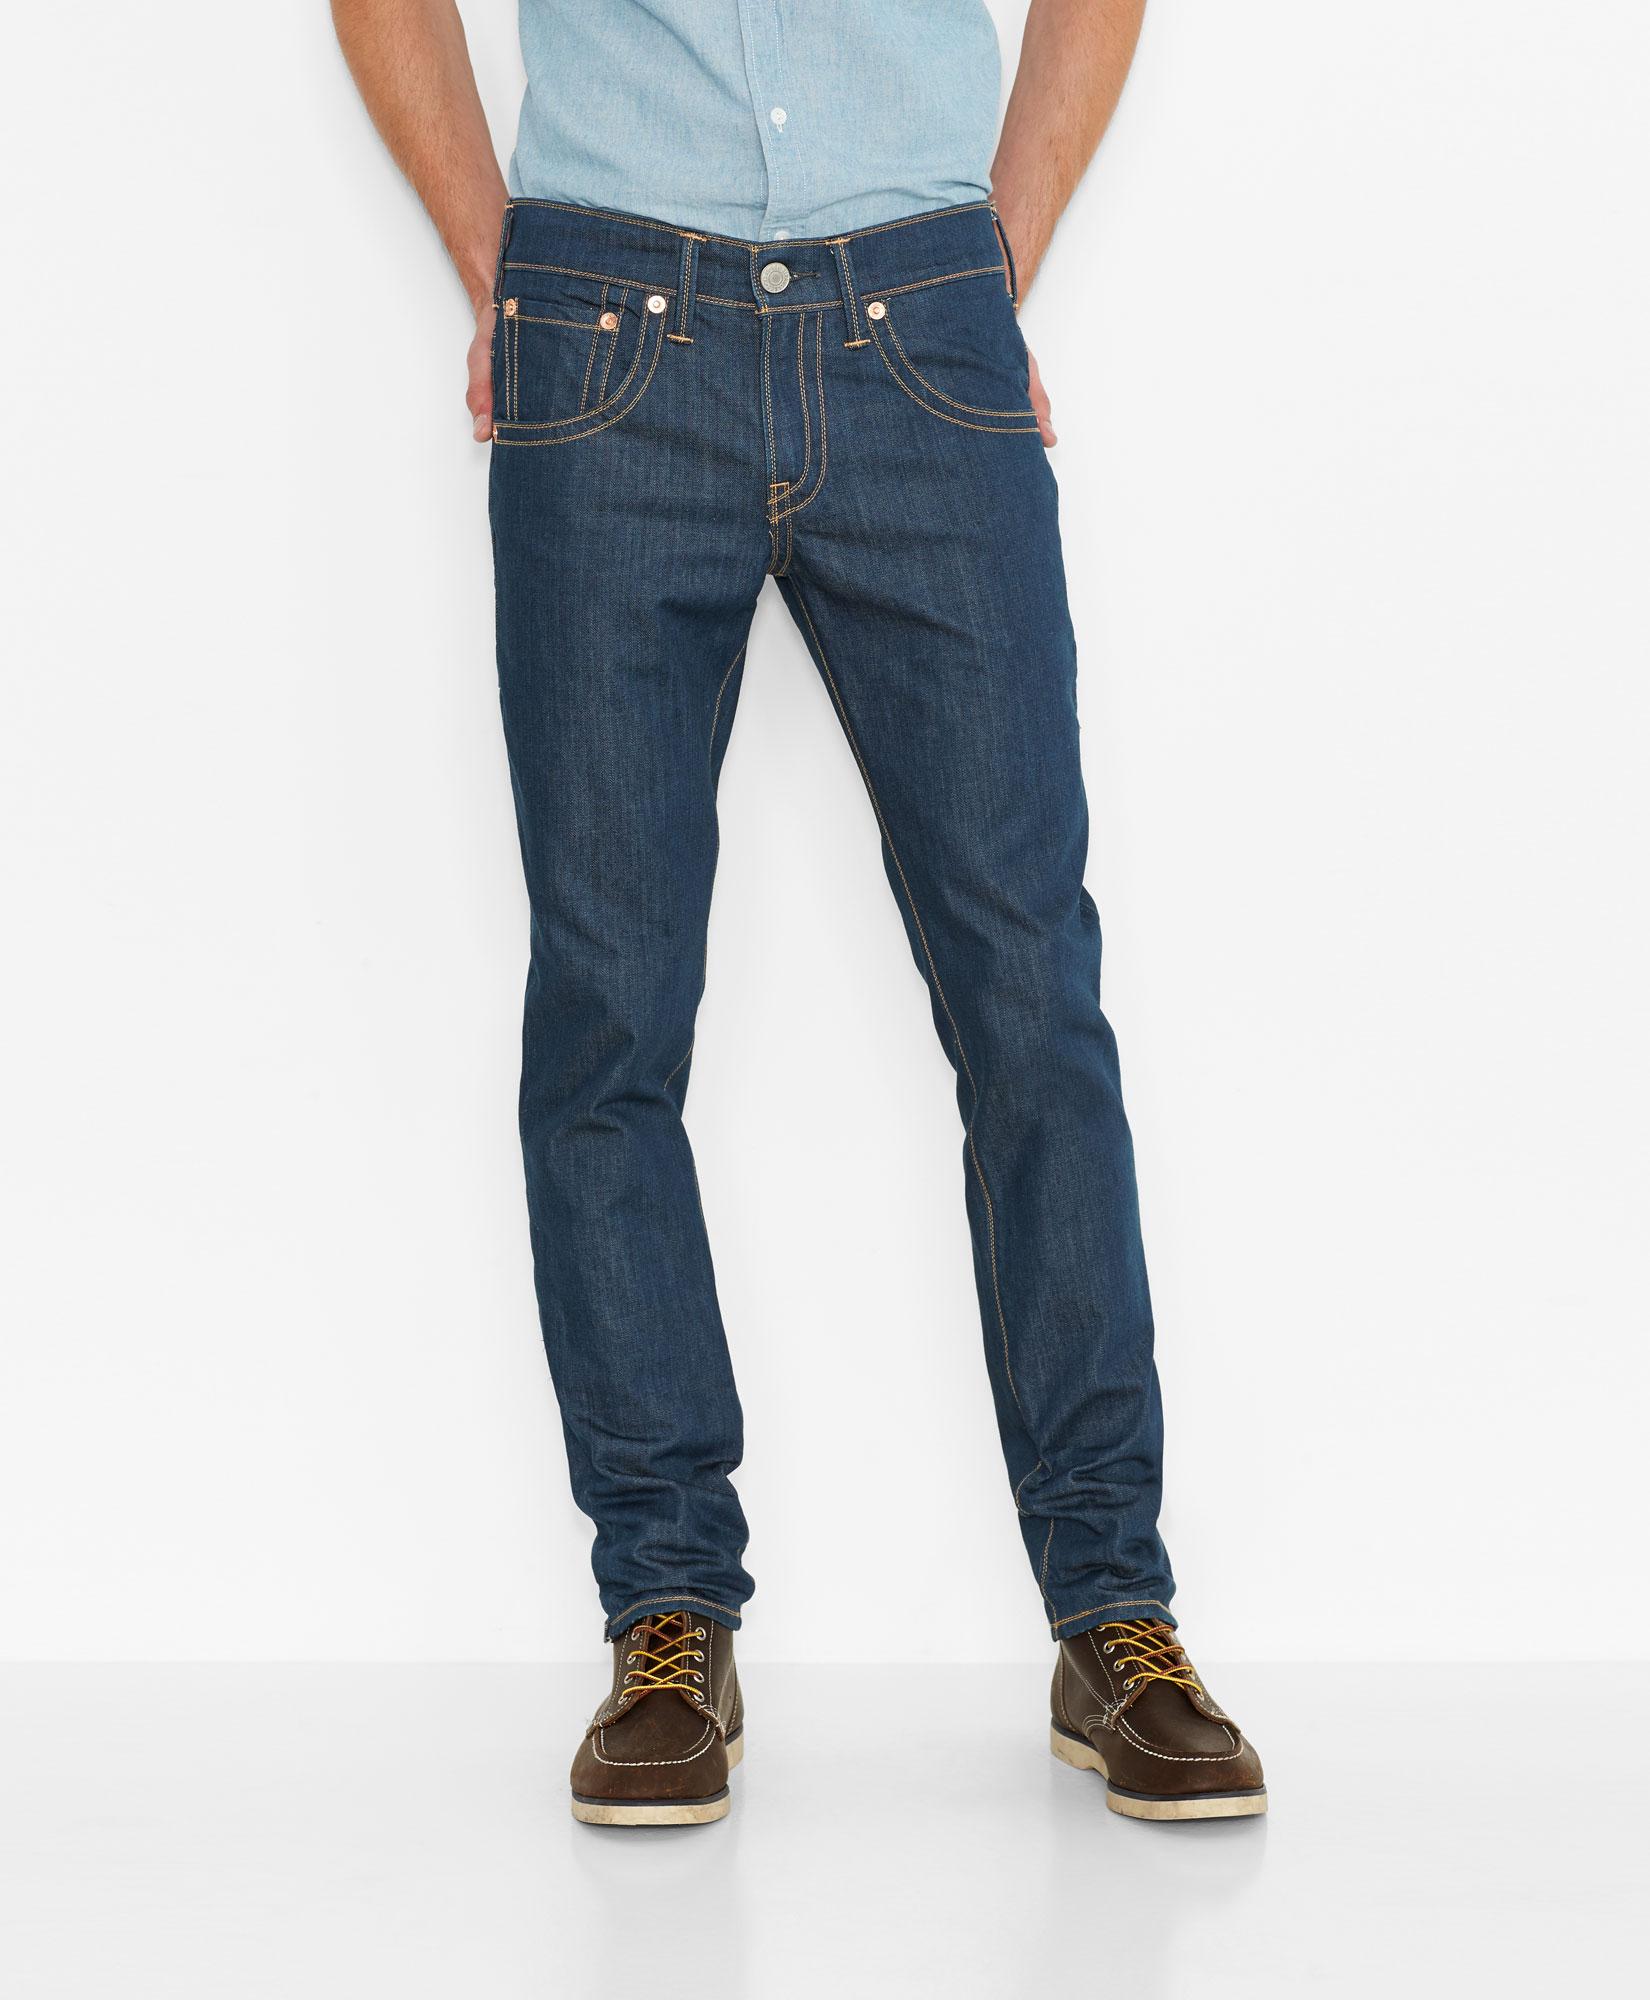 美國百分百【全新真品】Levis 511 Slim Fit 男 牛仔褲 直筒褲 合身 單寧 雙縫線 復古藍 F101